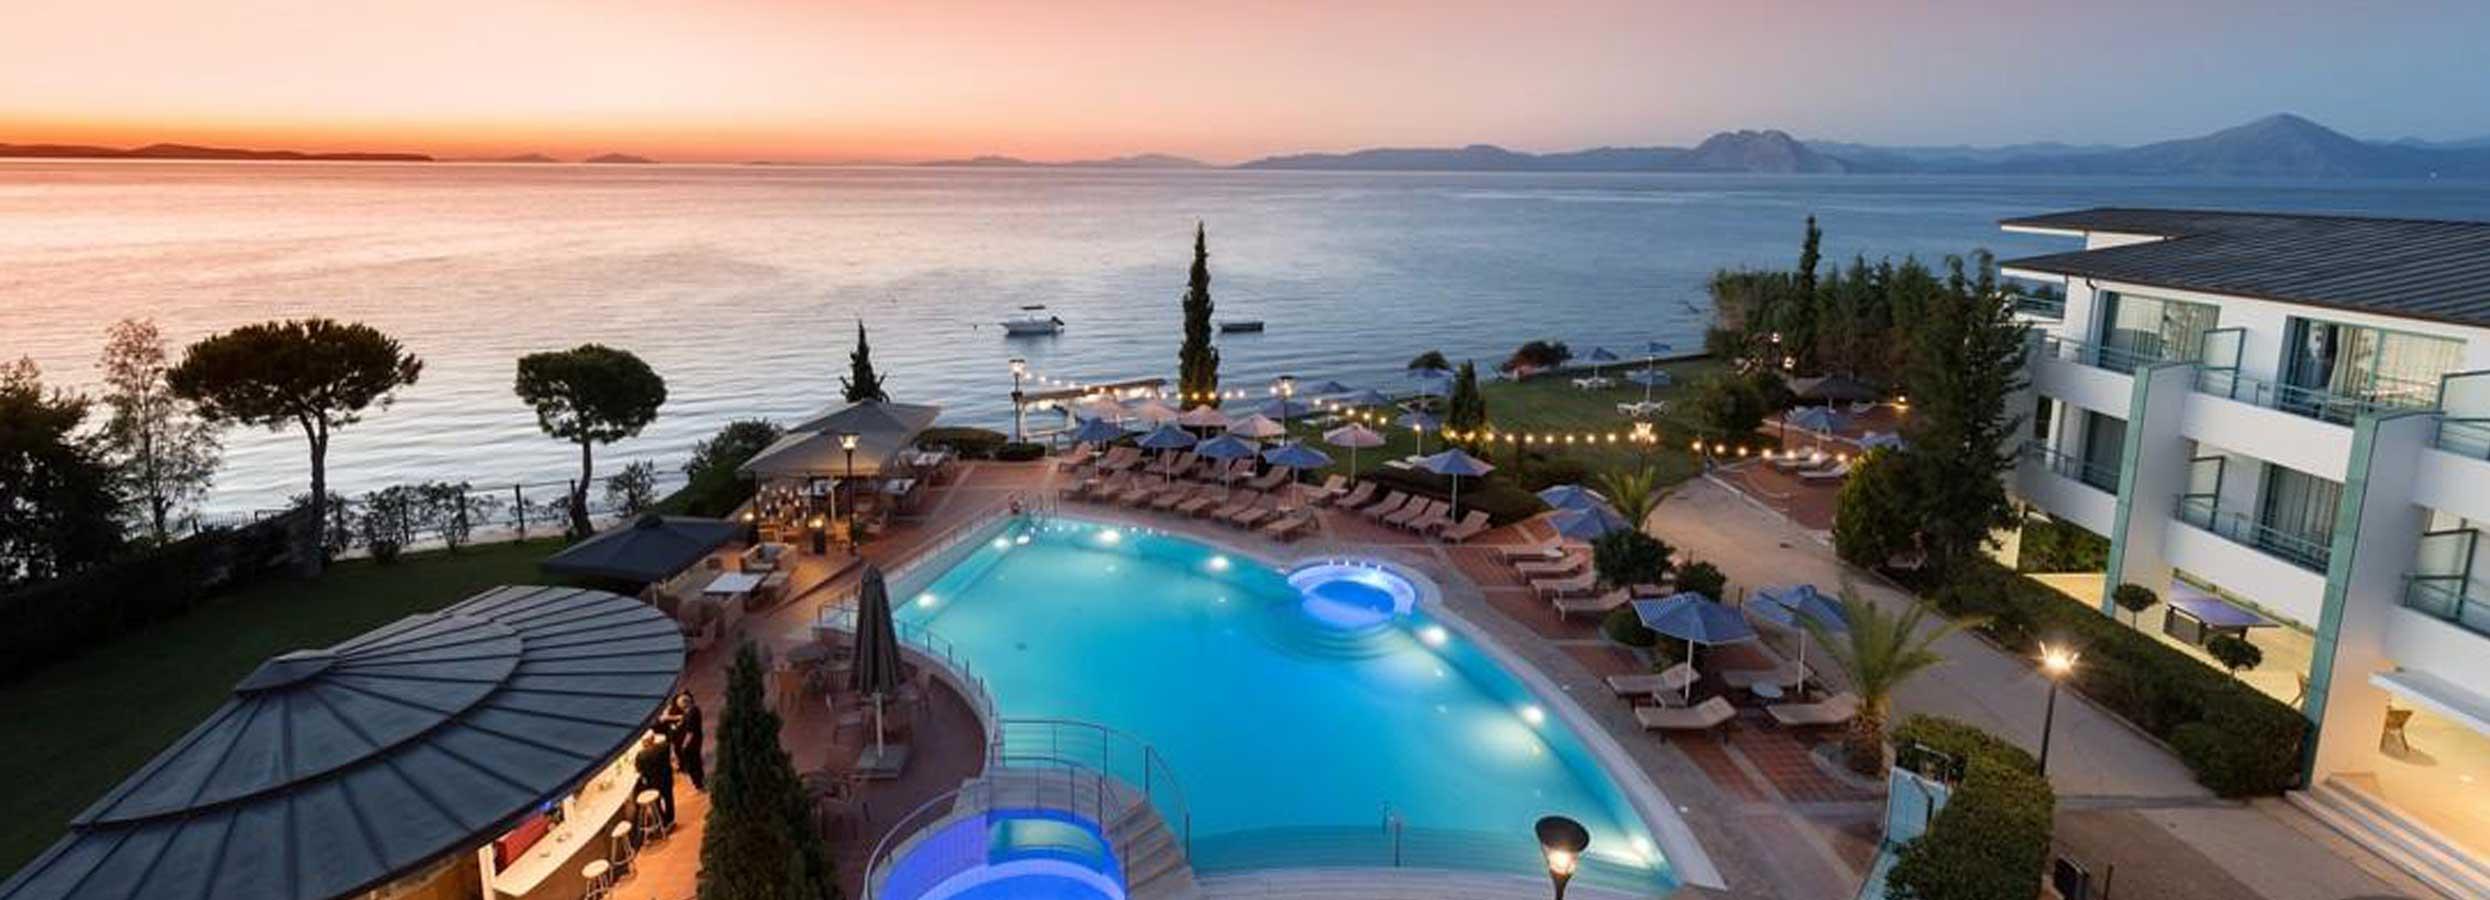 Ramus atokvėpis žalumos apsuptyje PELOPONESE, Graikijoje! Savaitės poilsis 4* viešbutyje POSEIDON PALACE.